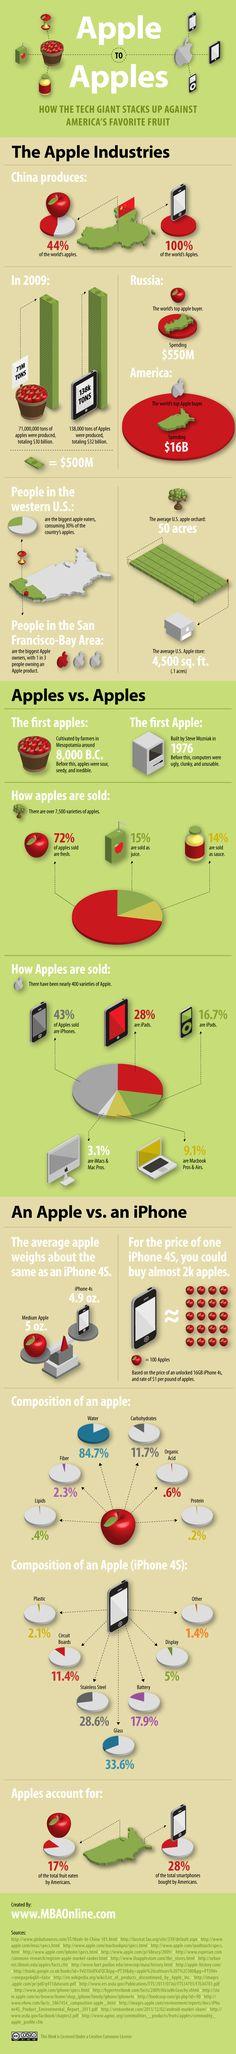 apples vs apples